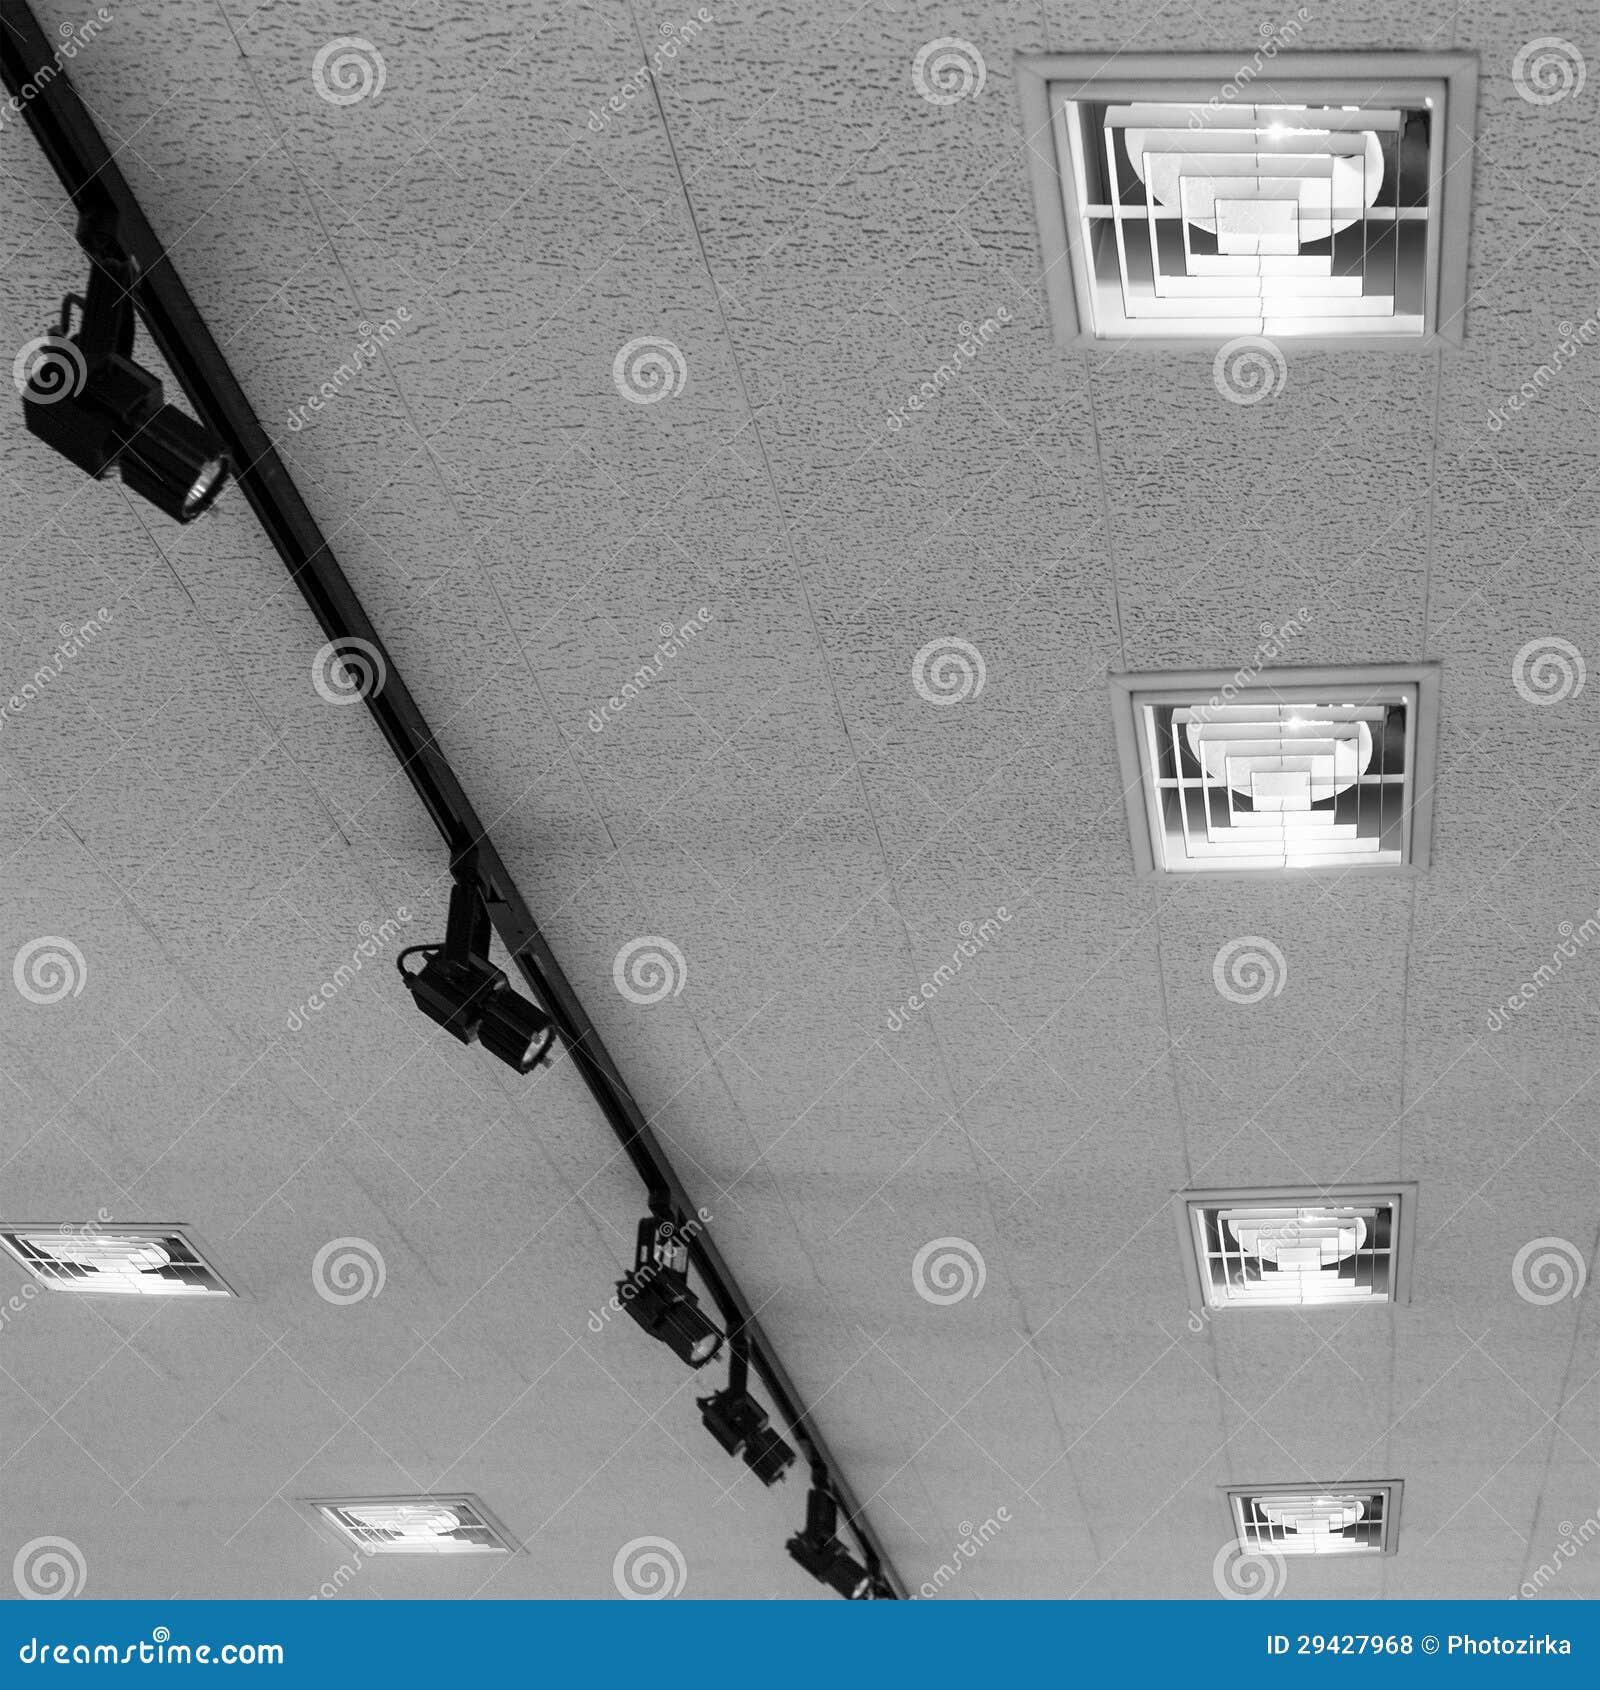 Plafoniere moderne fotografia stock immagine di nero for Plafoniere moderne